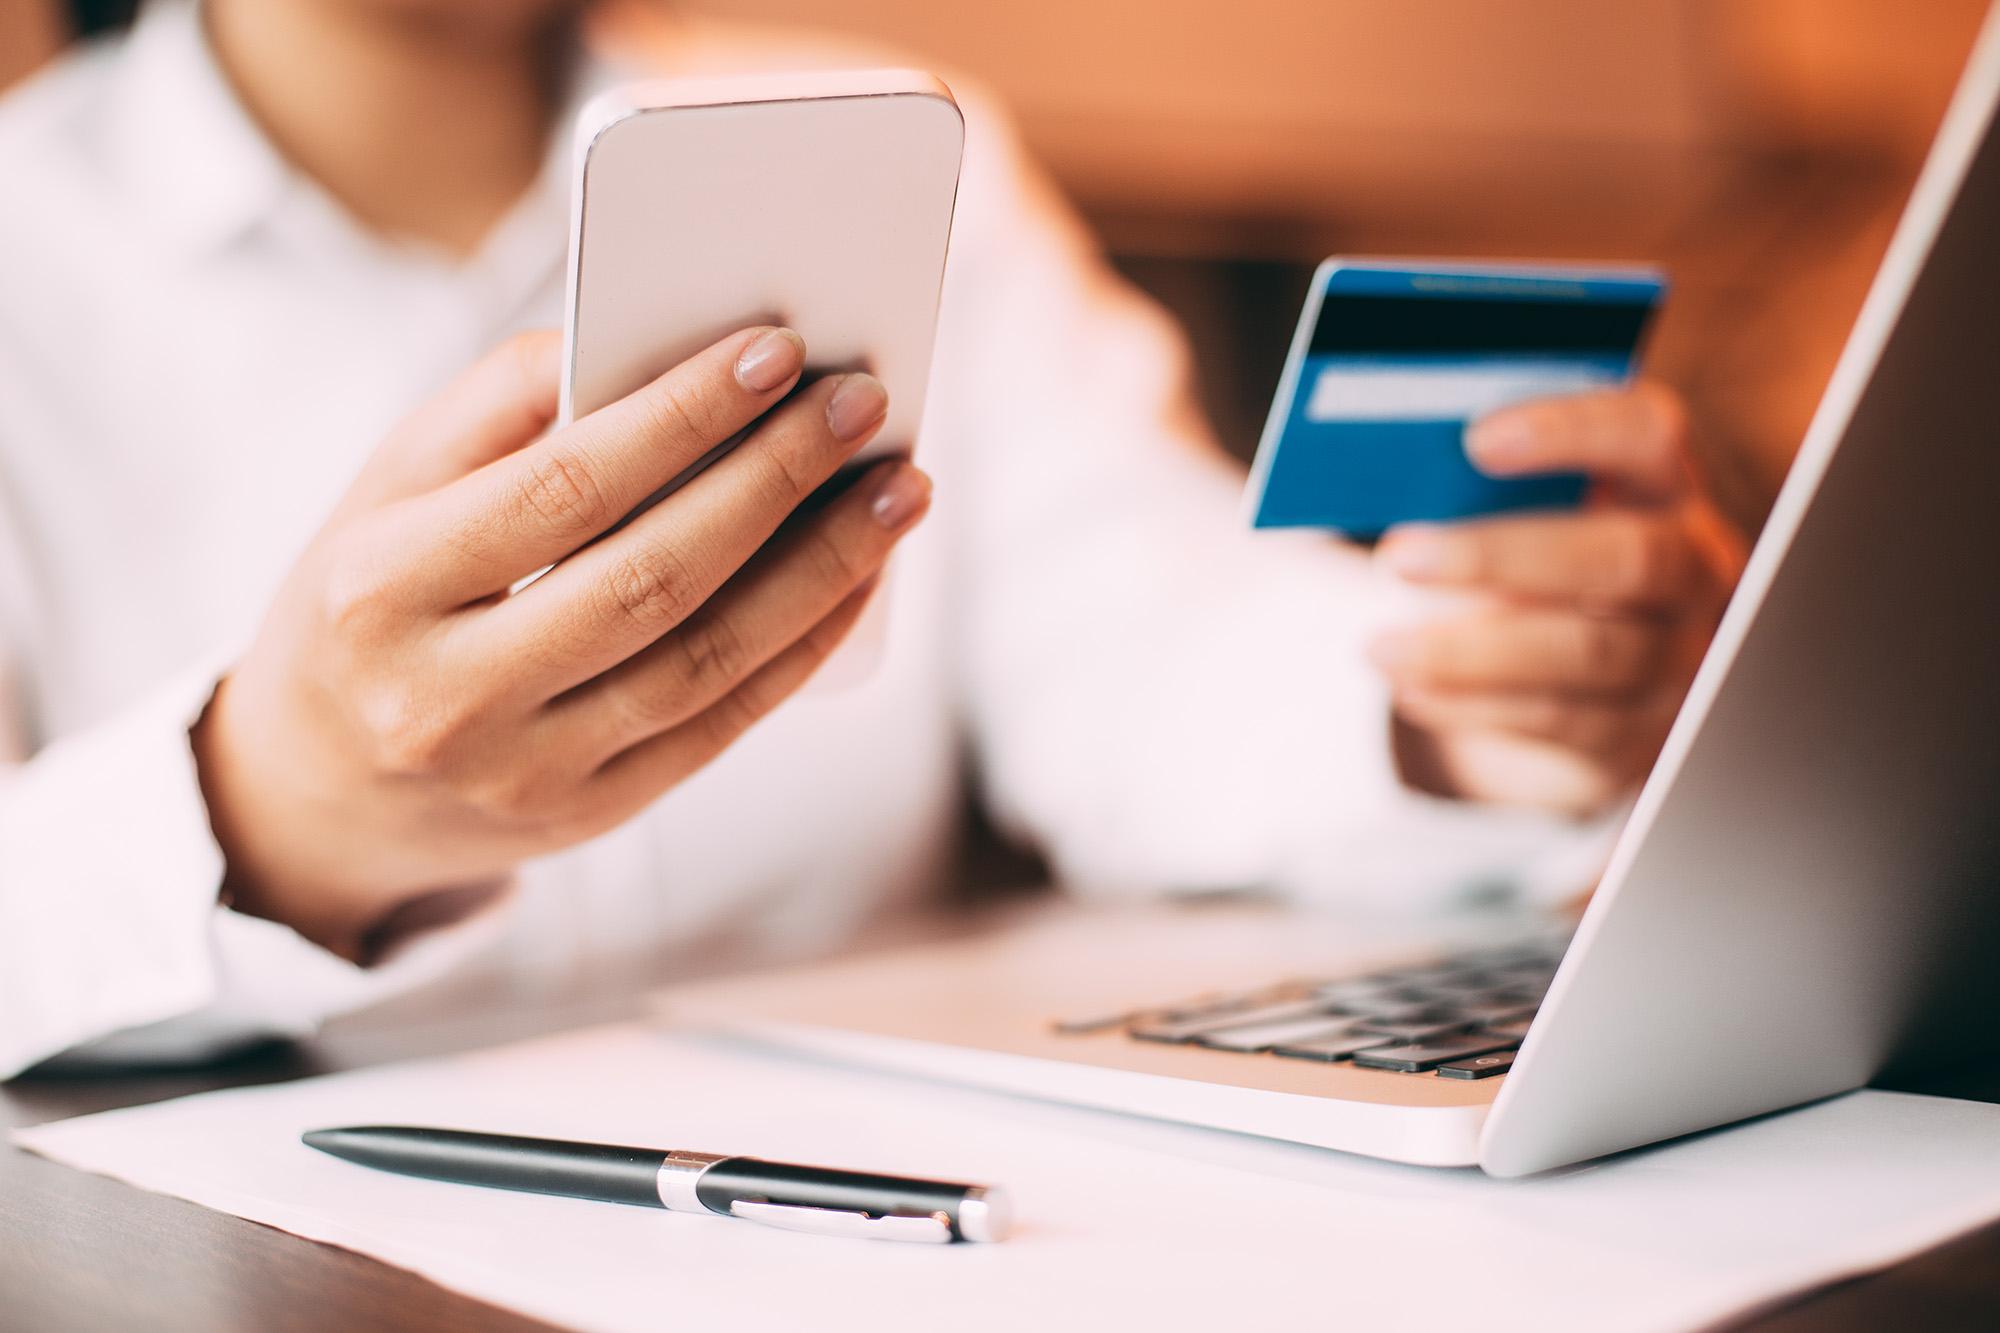 Tienda online y ecommerce explora marketing